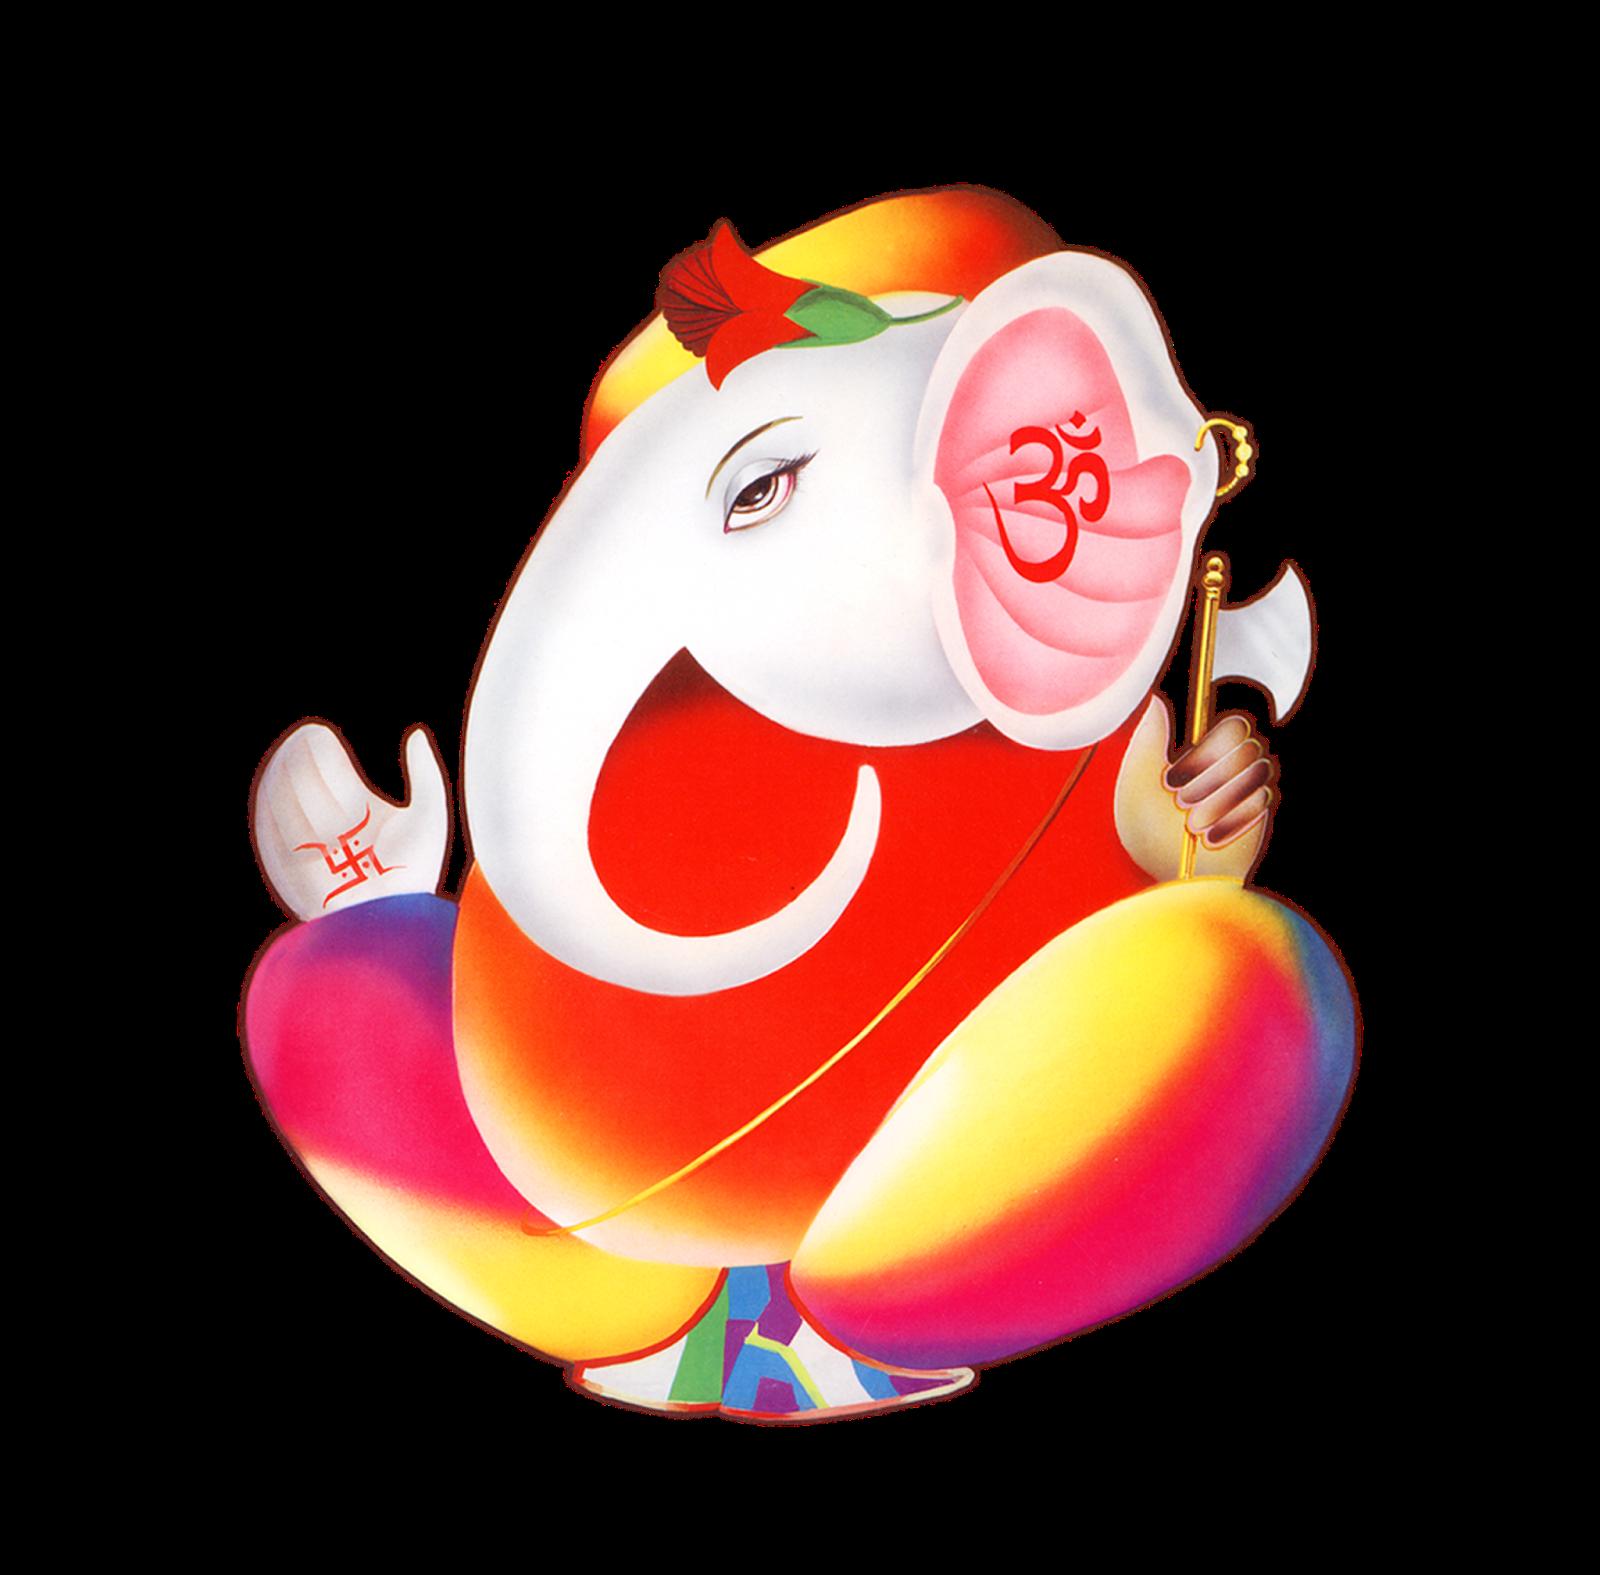 Ganesh Free PNG Image